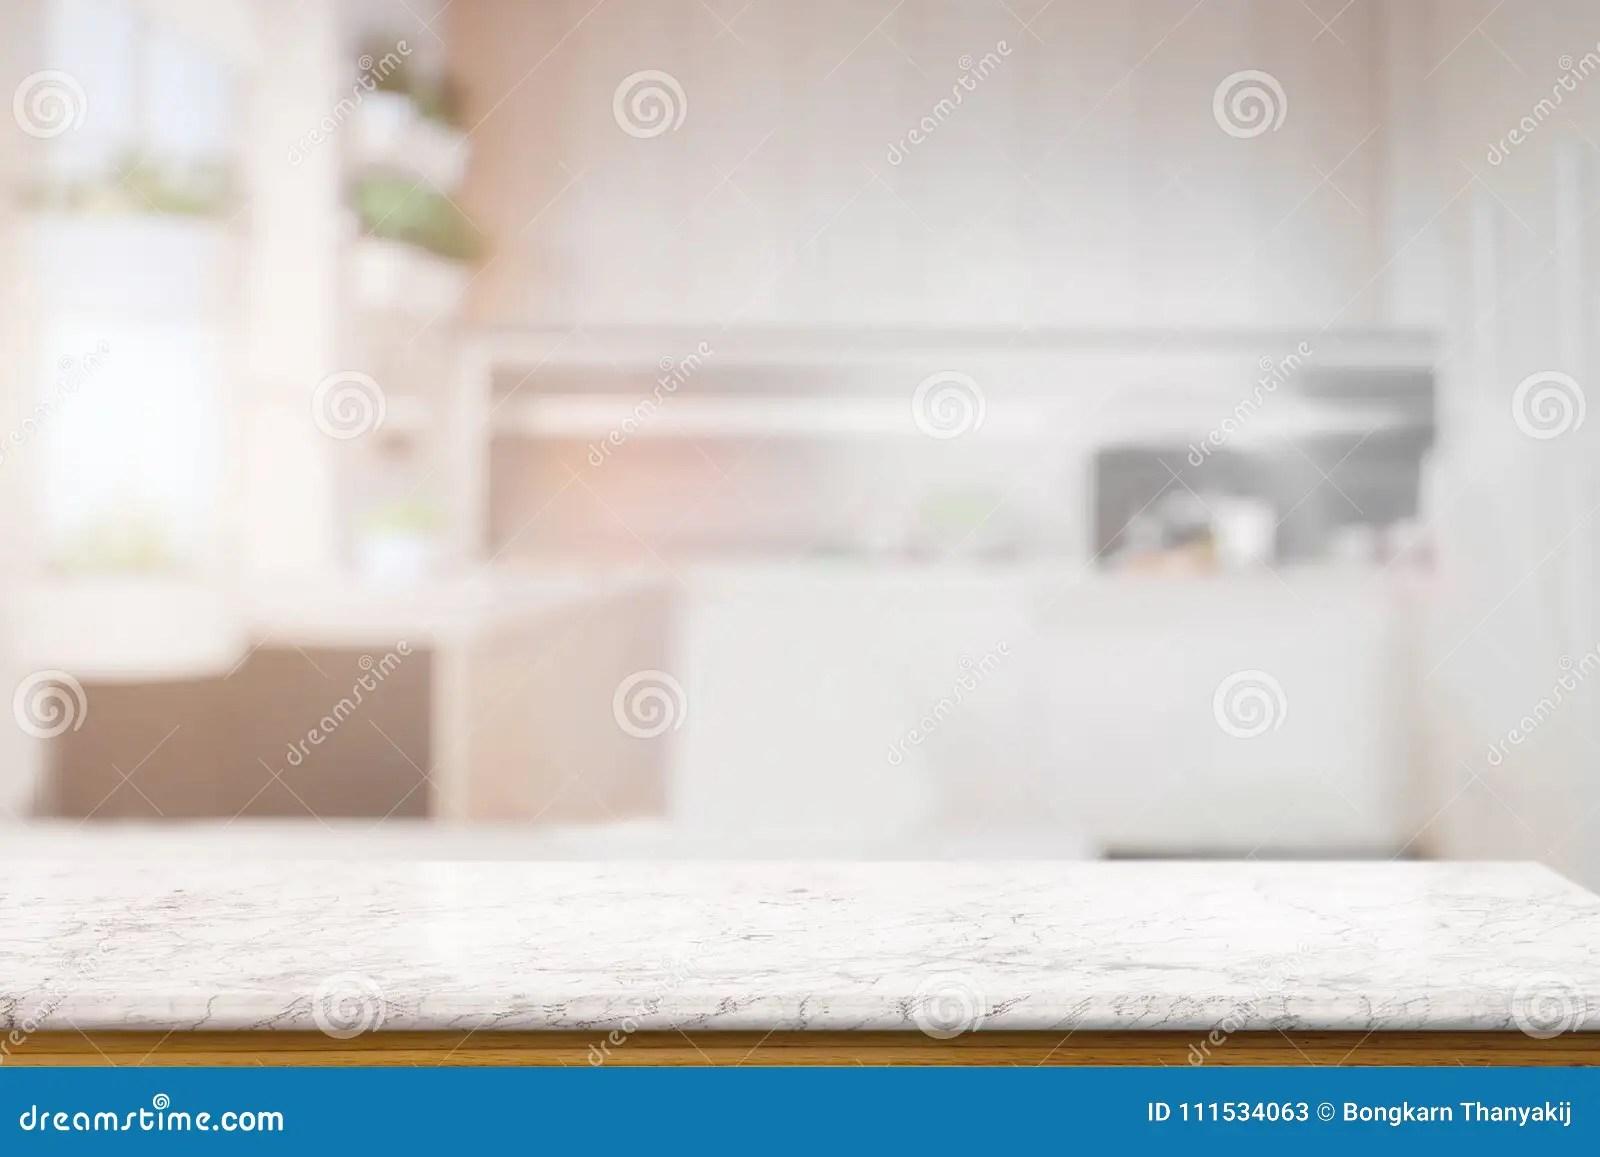 kitchen banquette island design 在被弄脏的厨房长凳的大理石纹理桌库存图片 图片包括有家具 安排 土气 在厨房背景的被弄脏的图象的白色大理石桌